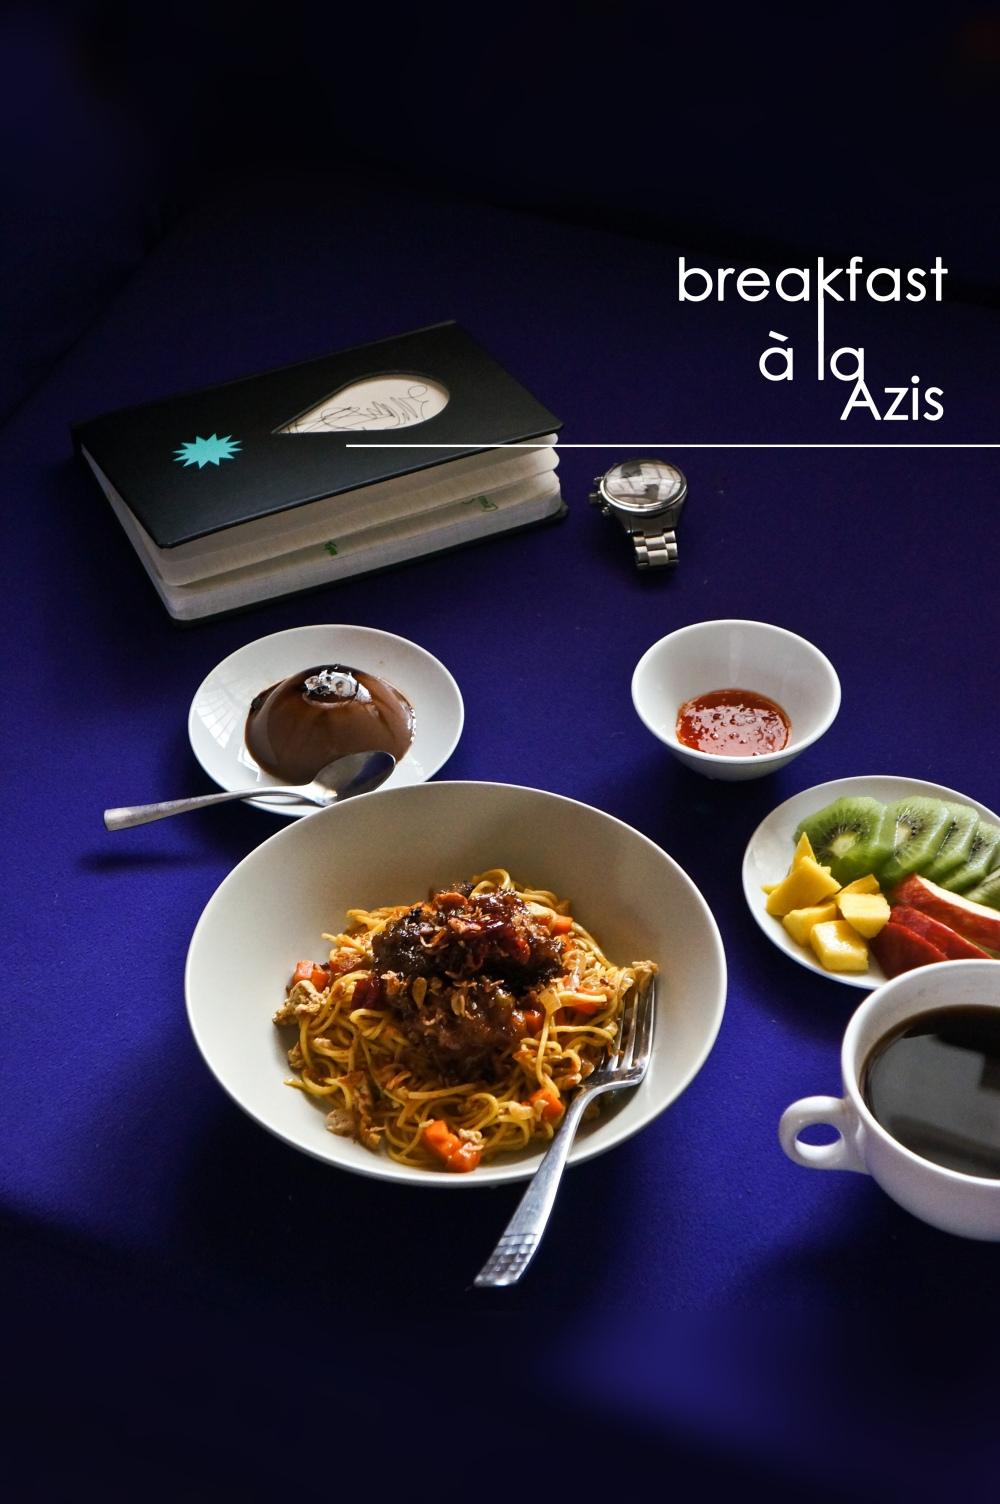 BreakfastAlaAzis1